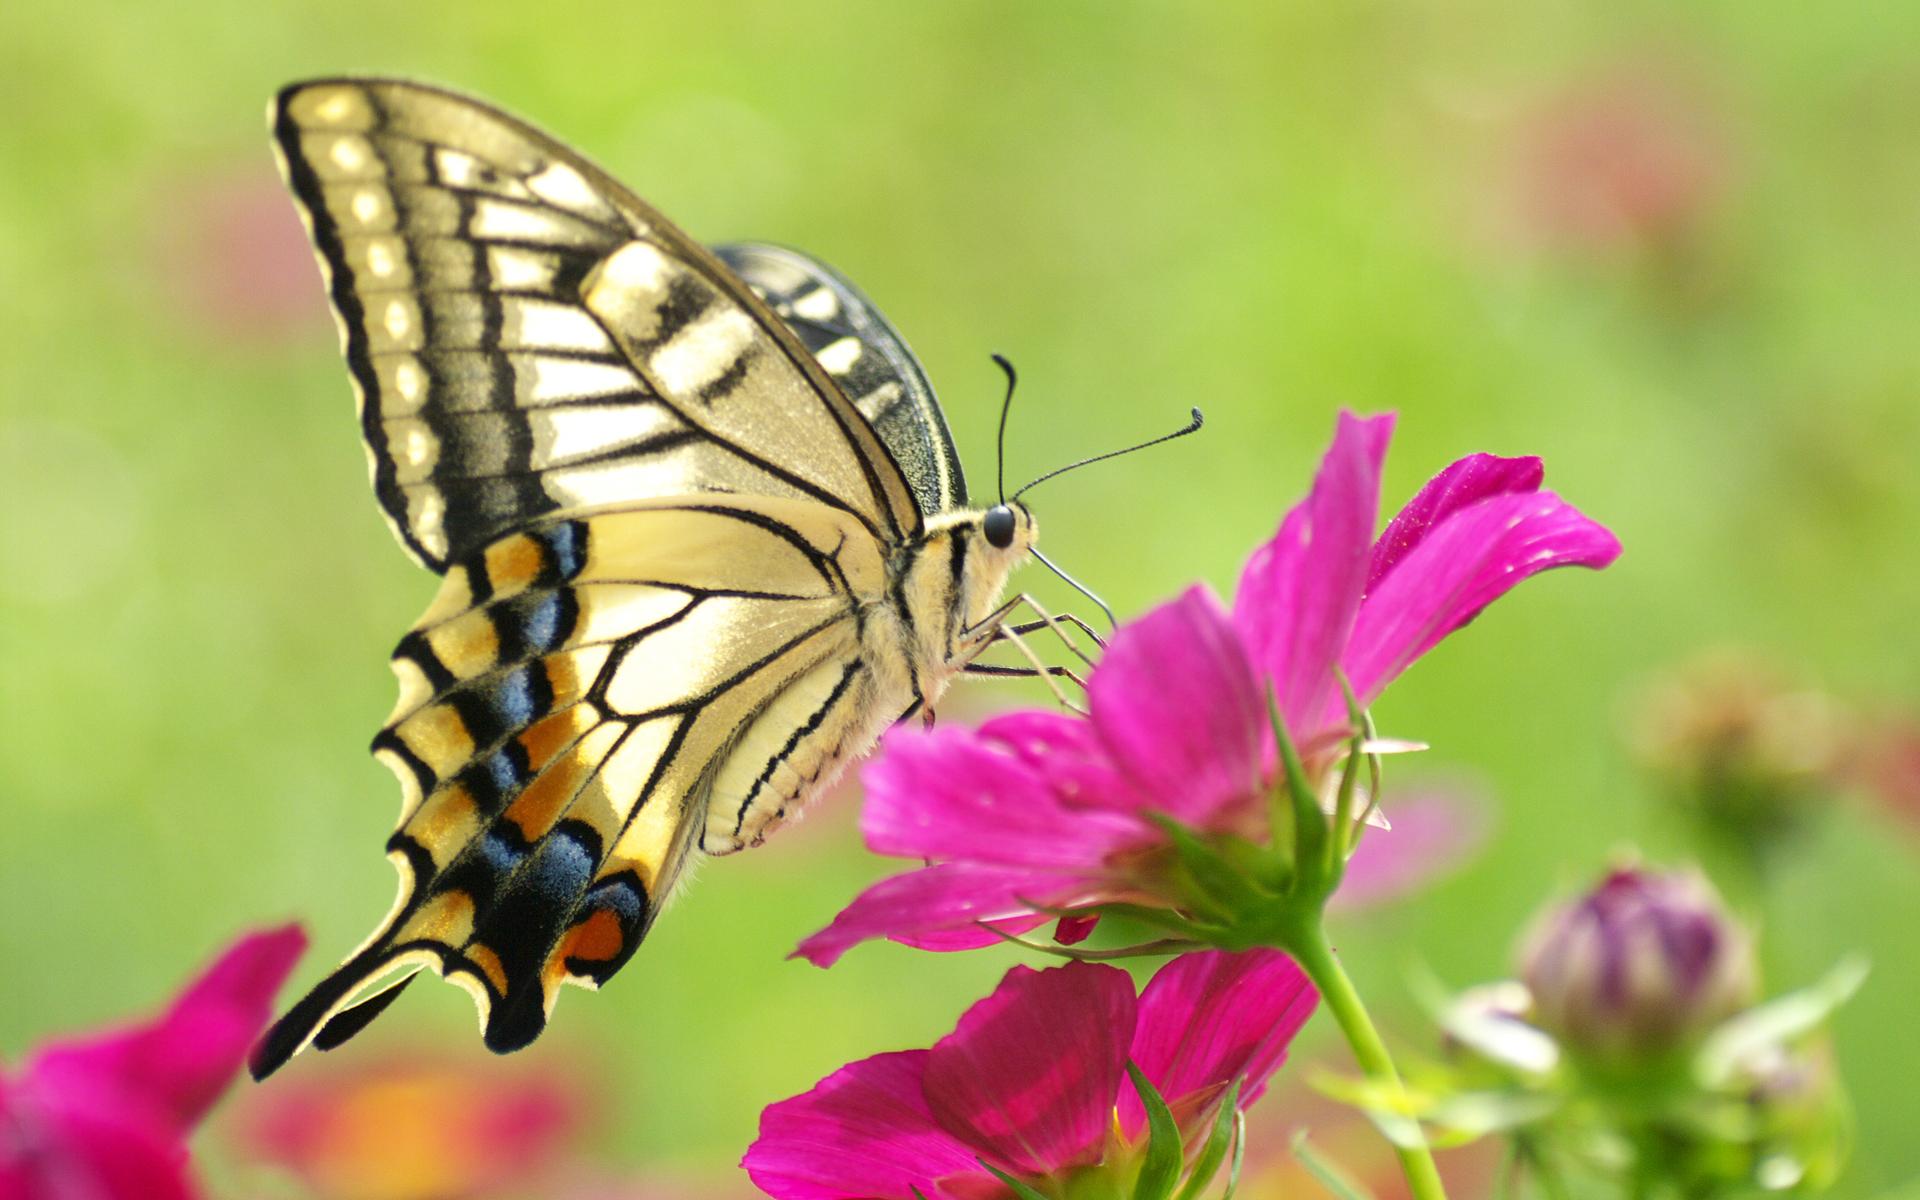 Mystery Wallpaper: Butterfly On Flower